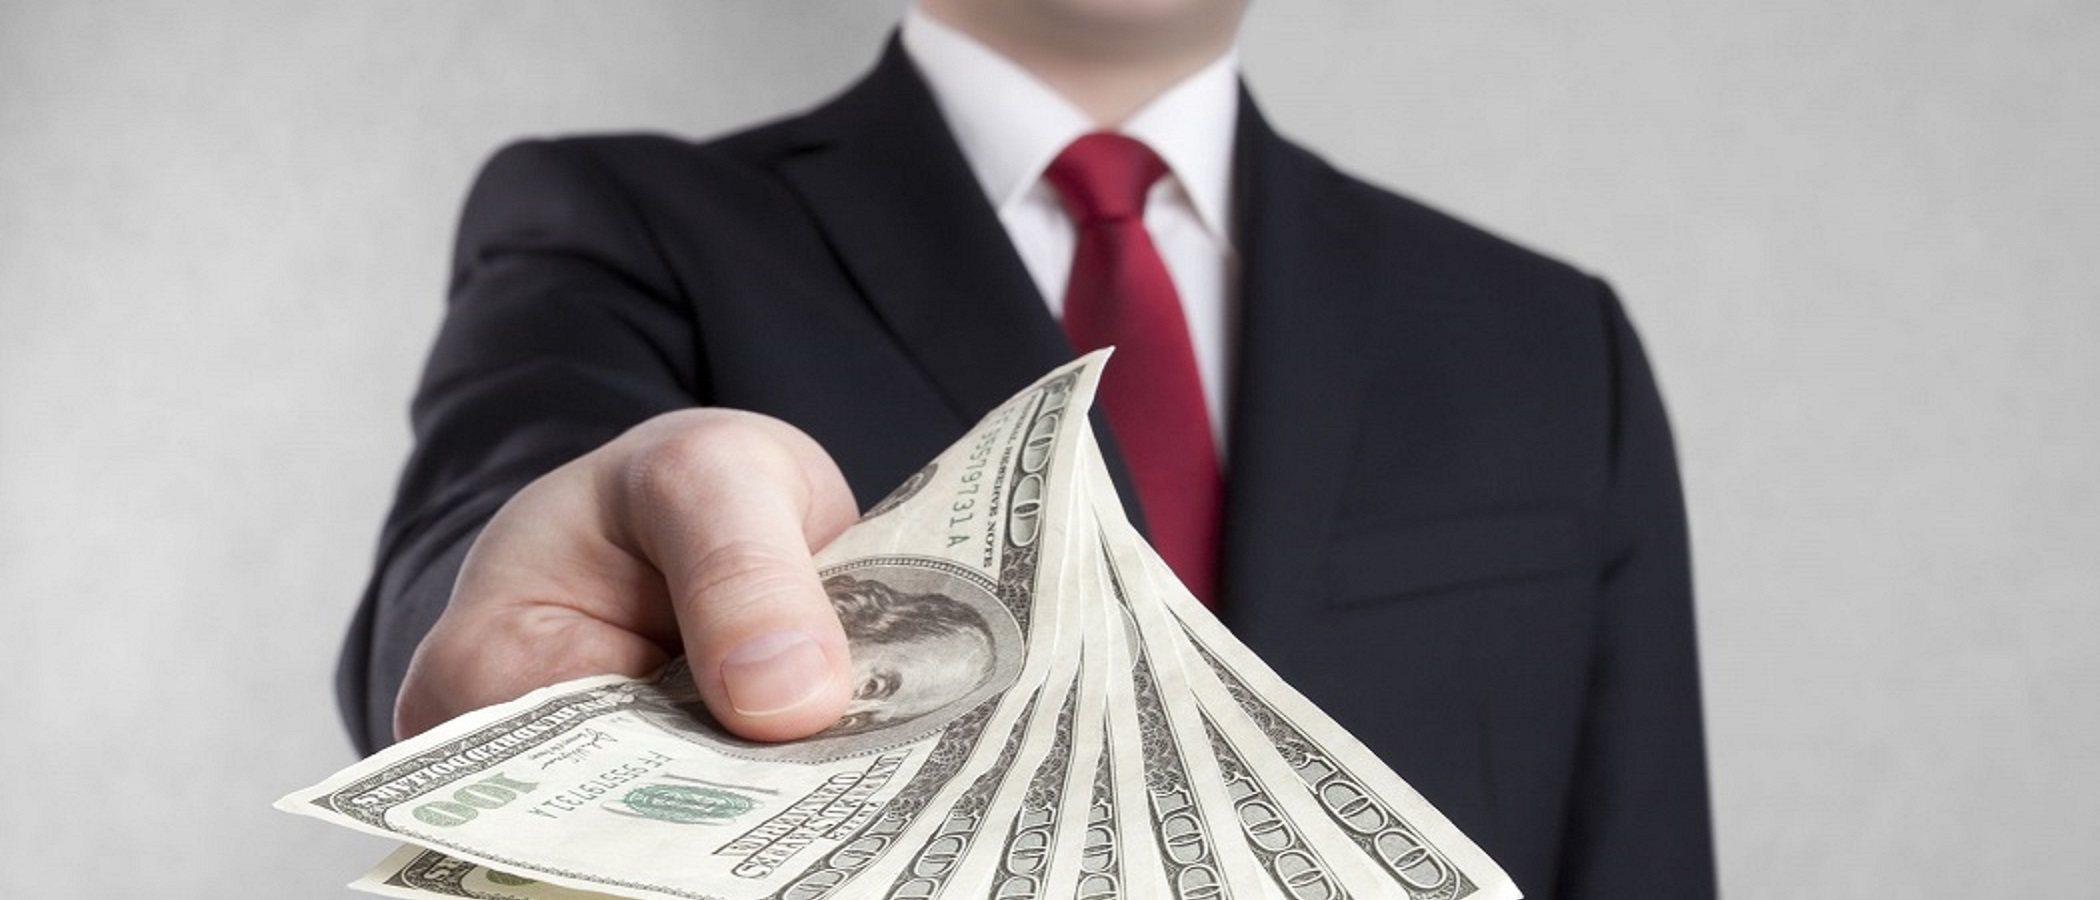 ¿Tienes peleas familiares por culpa del dinero?